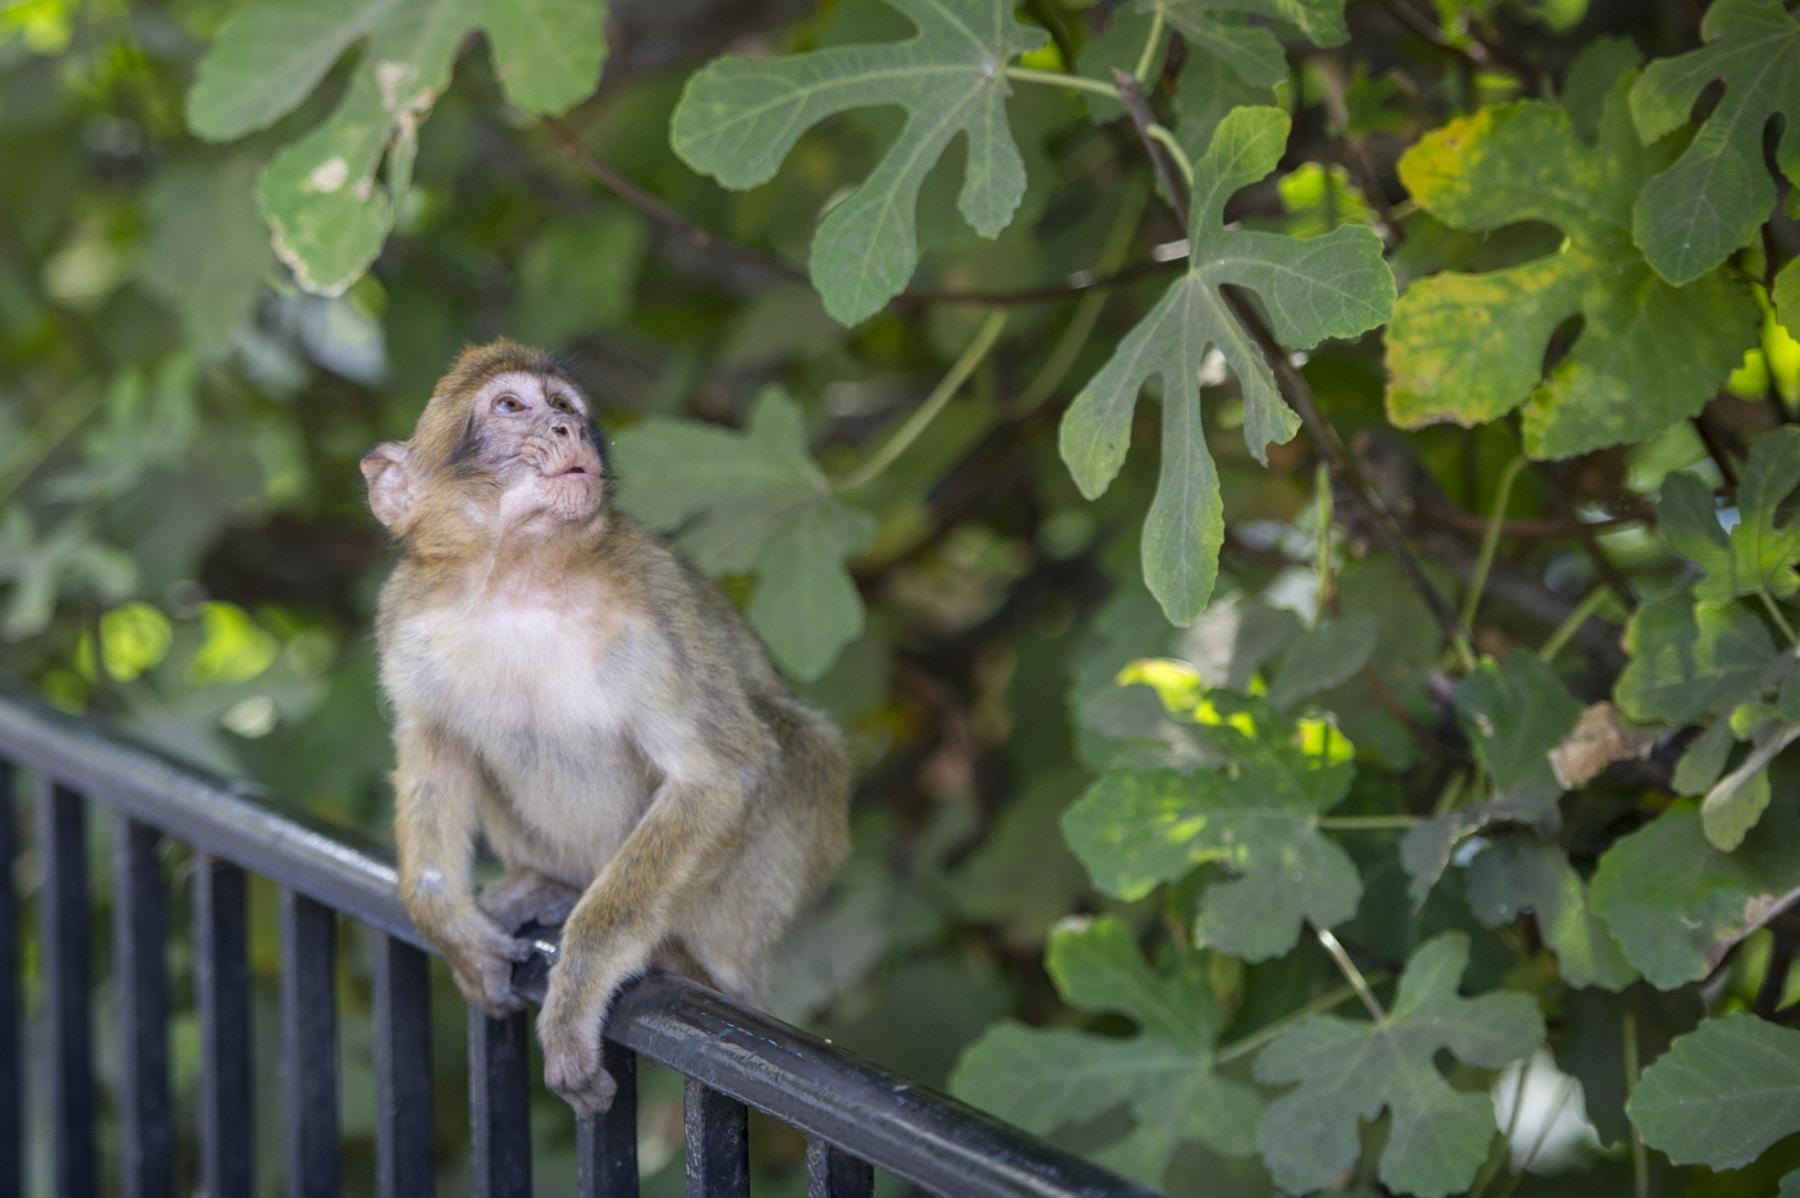 Monos-en-la-ciudad-34